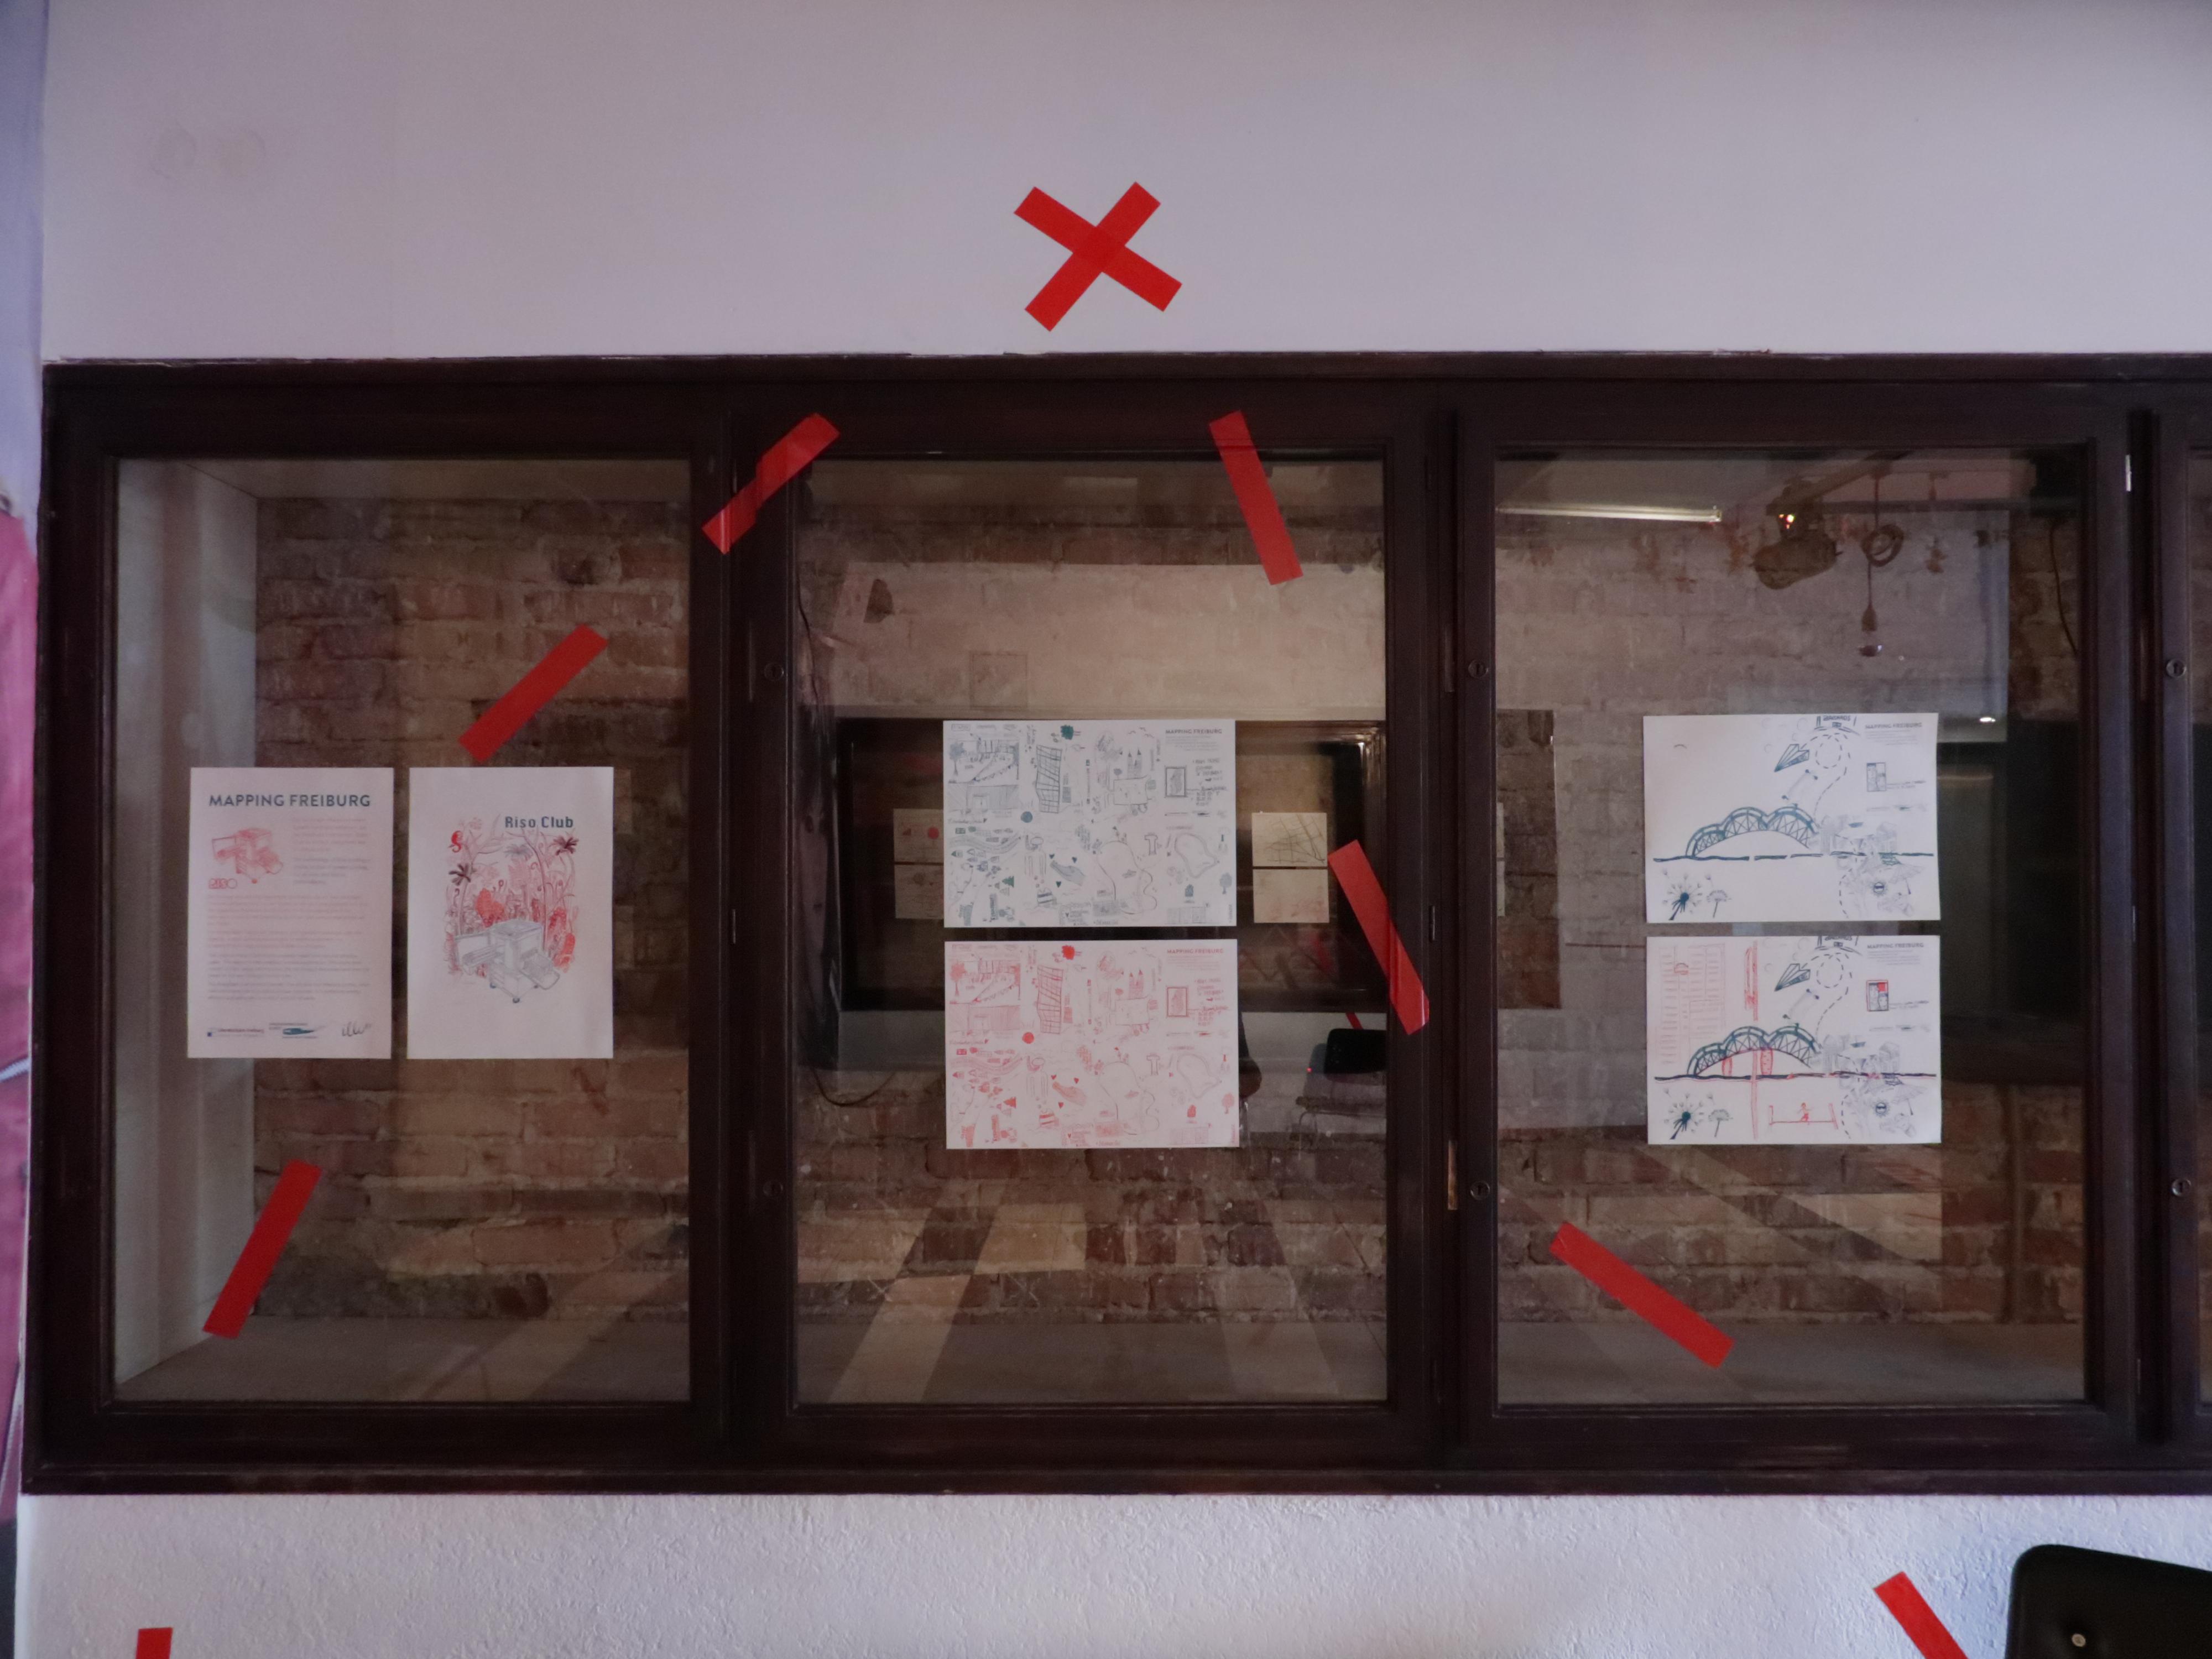 Mapping Ausstellung